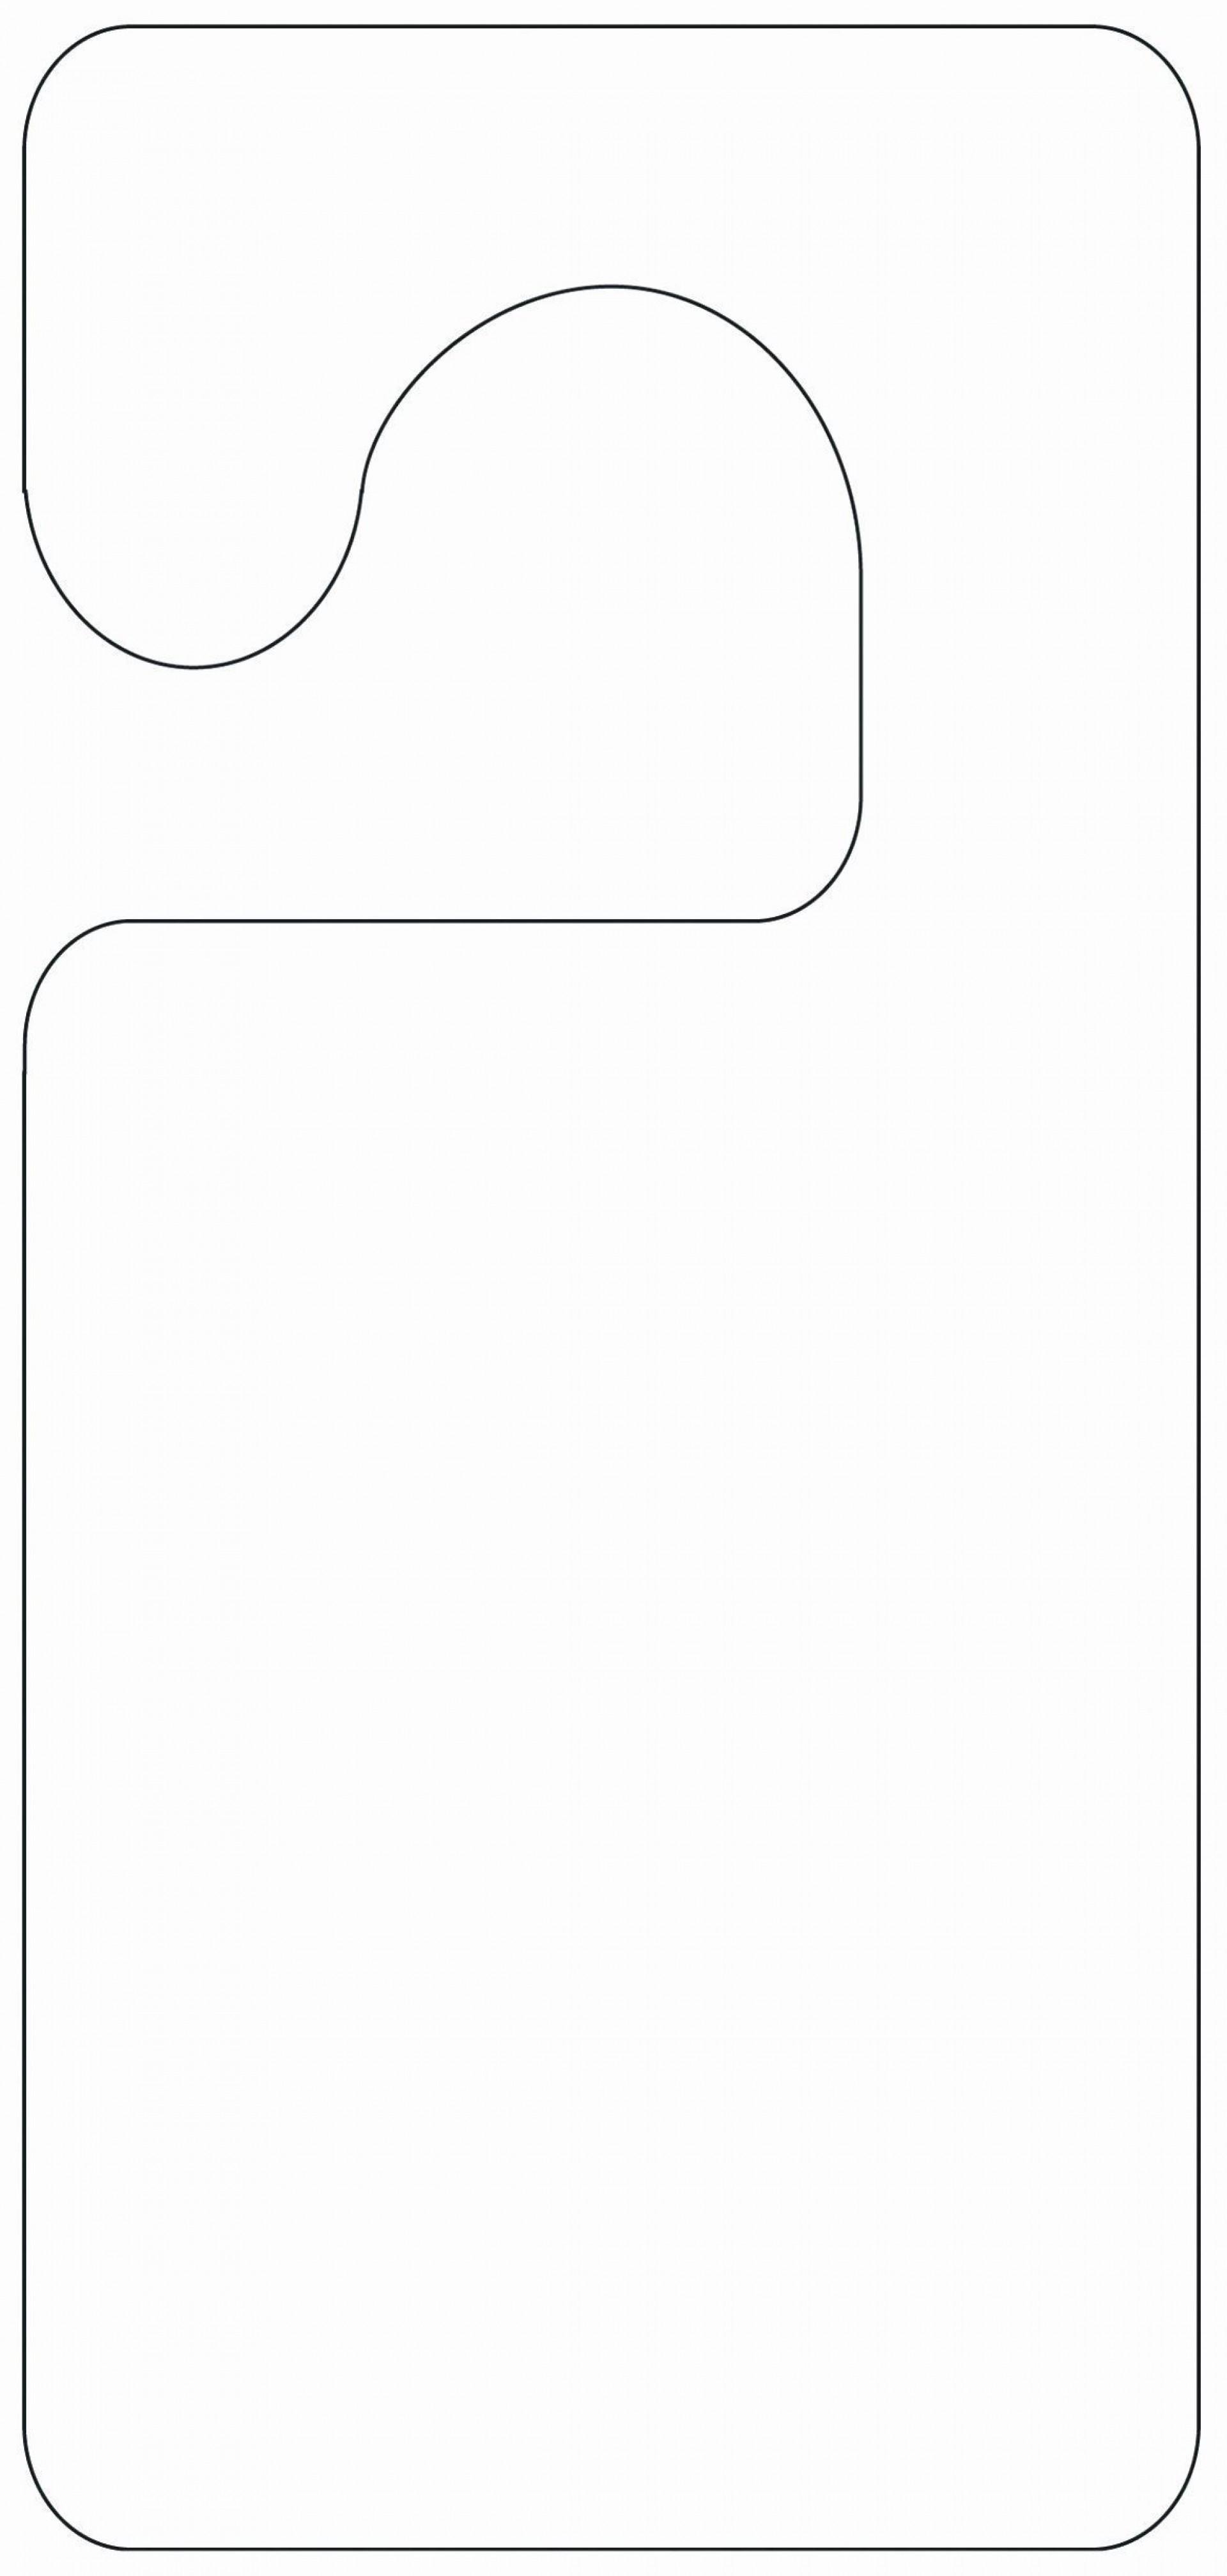 001 Remarkable Word Door Hanger Template Free Concept  Microsoft1920